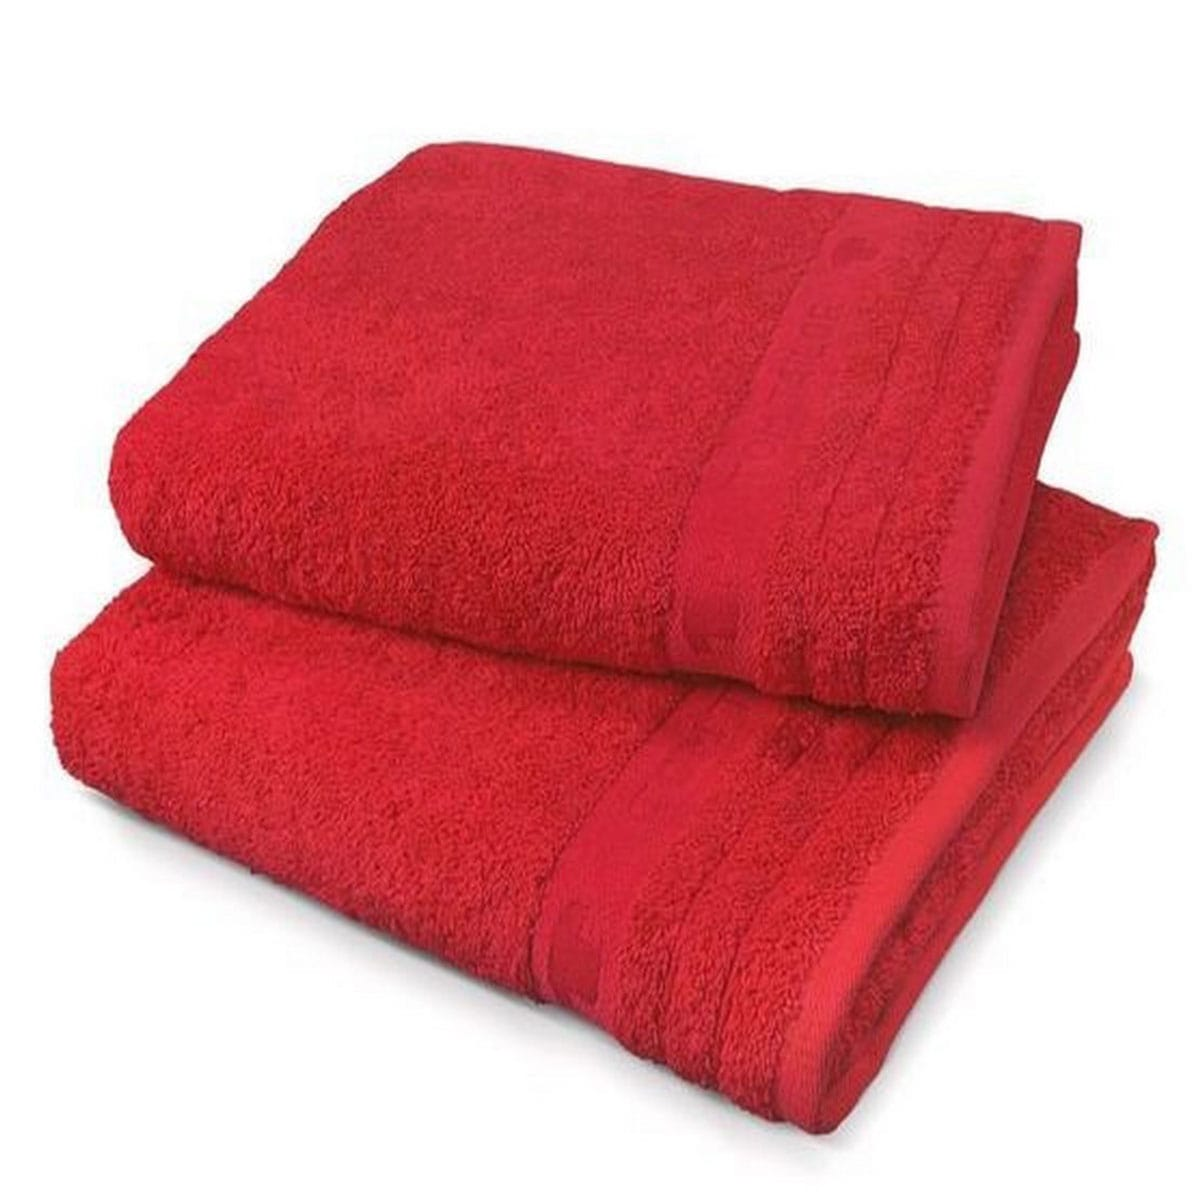 Πετσέτα 100 111 920 Red Tom Tailor Σώματος 70x140cm